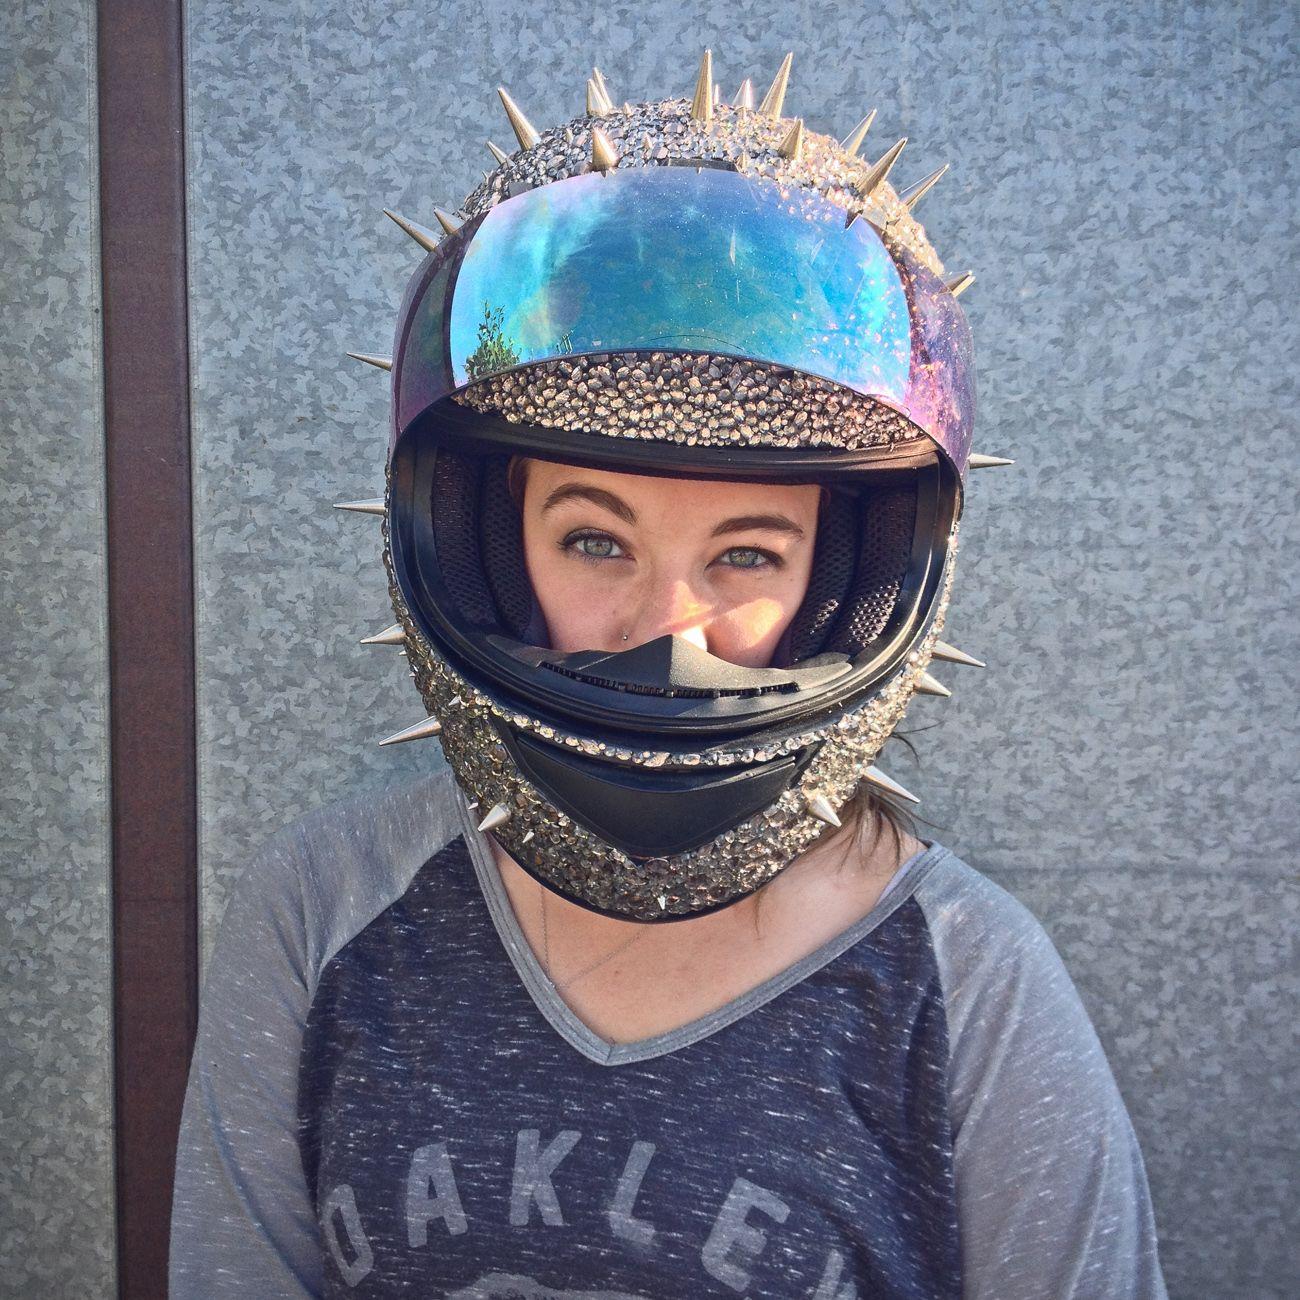 Spiked motorcycle helmet